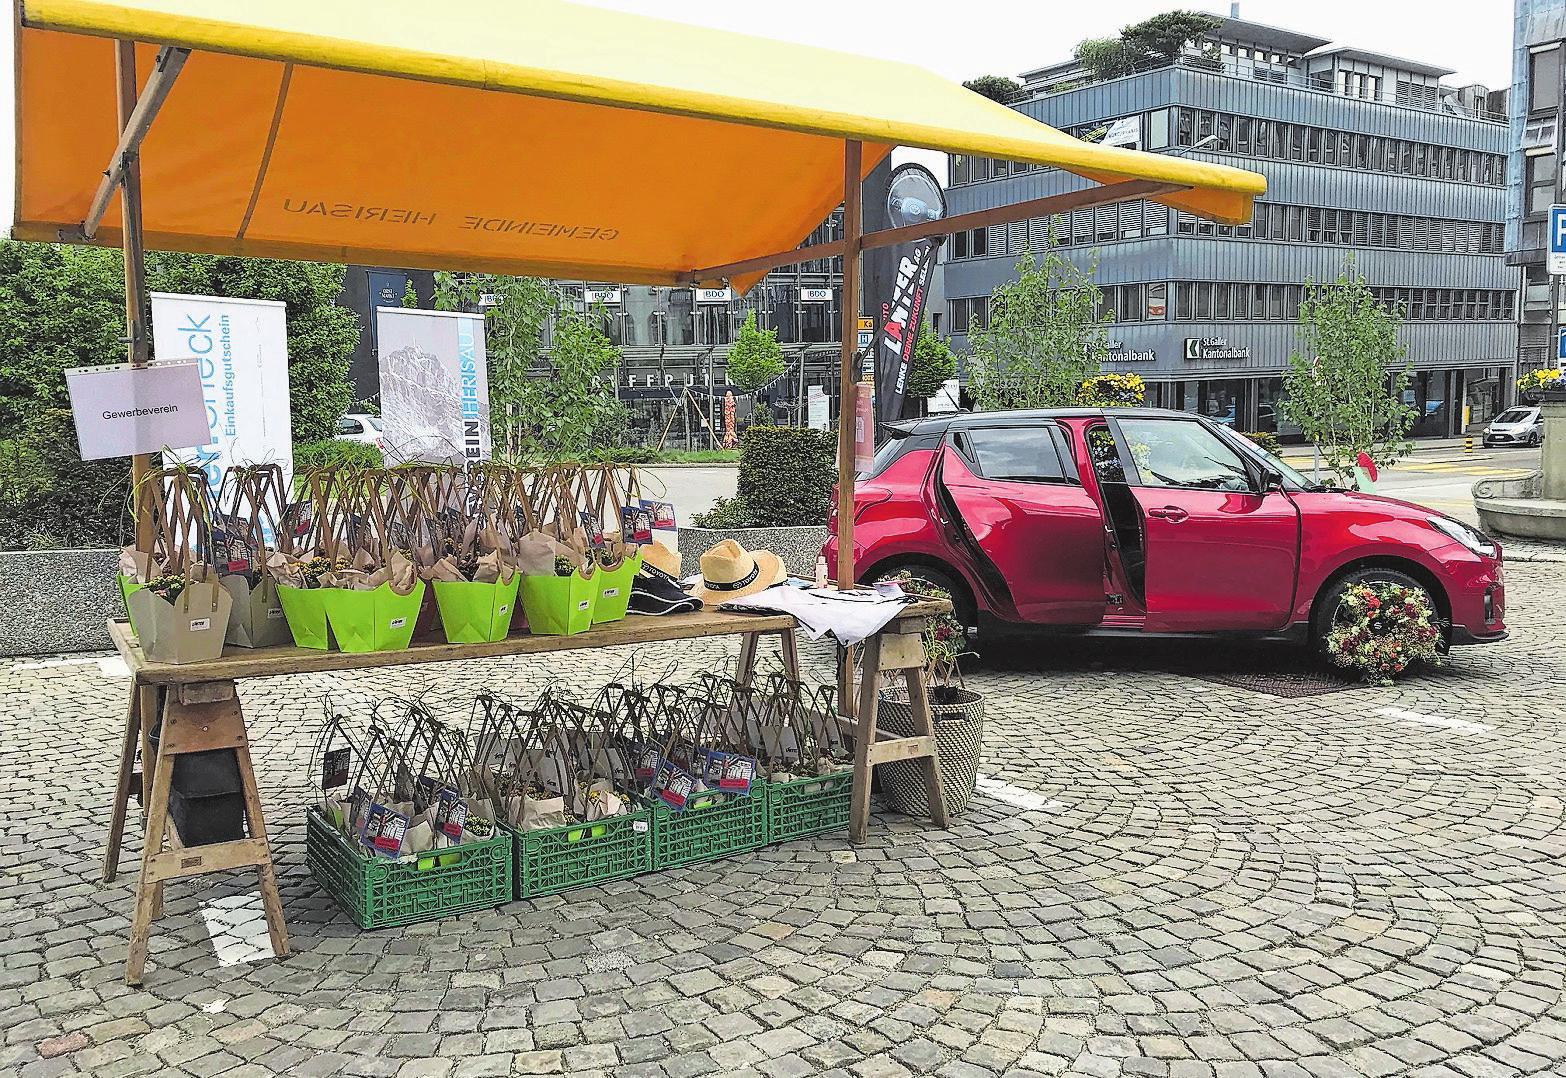 Der Gewerbeverein Herisau am Wochenmarkt Image 3